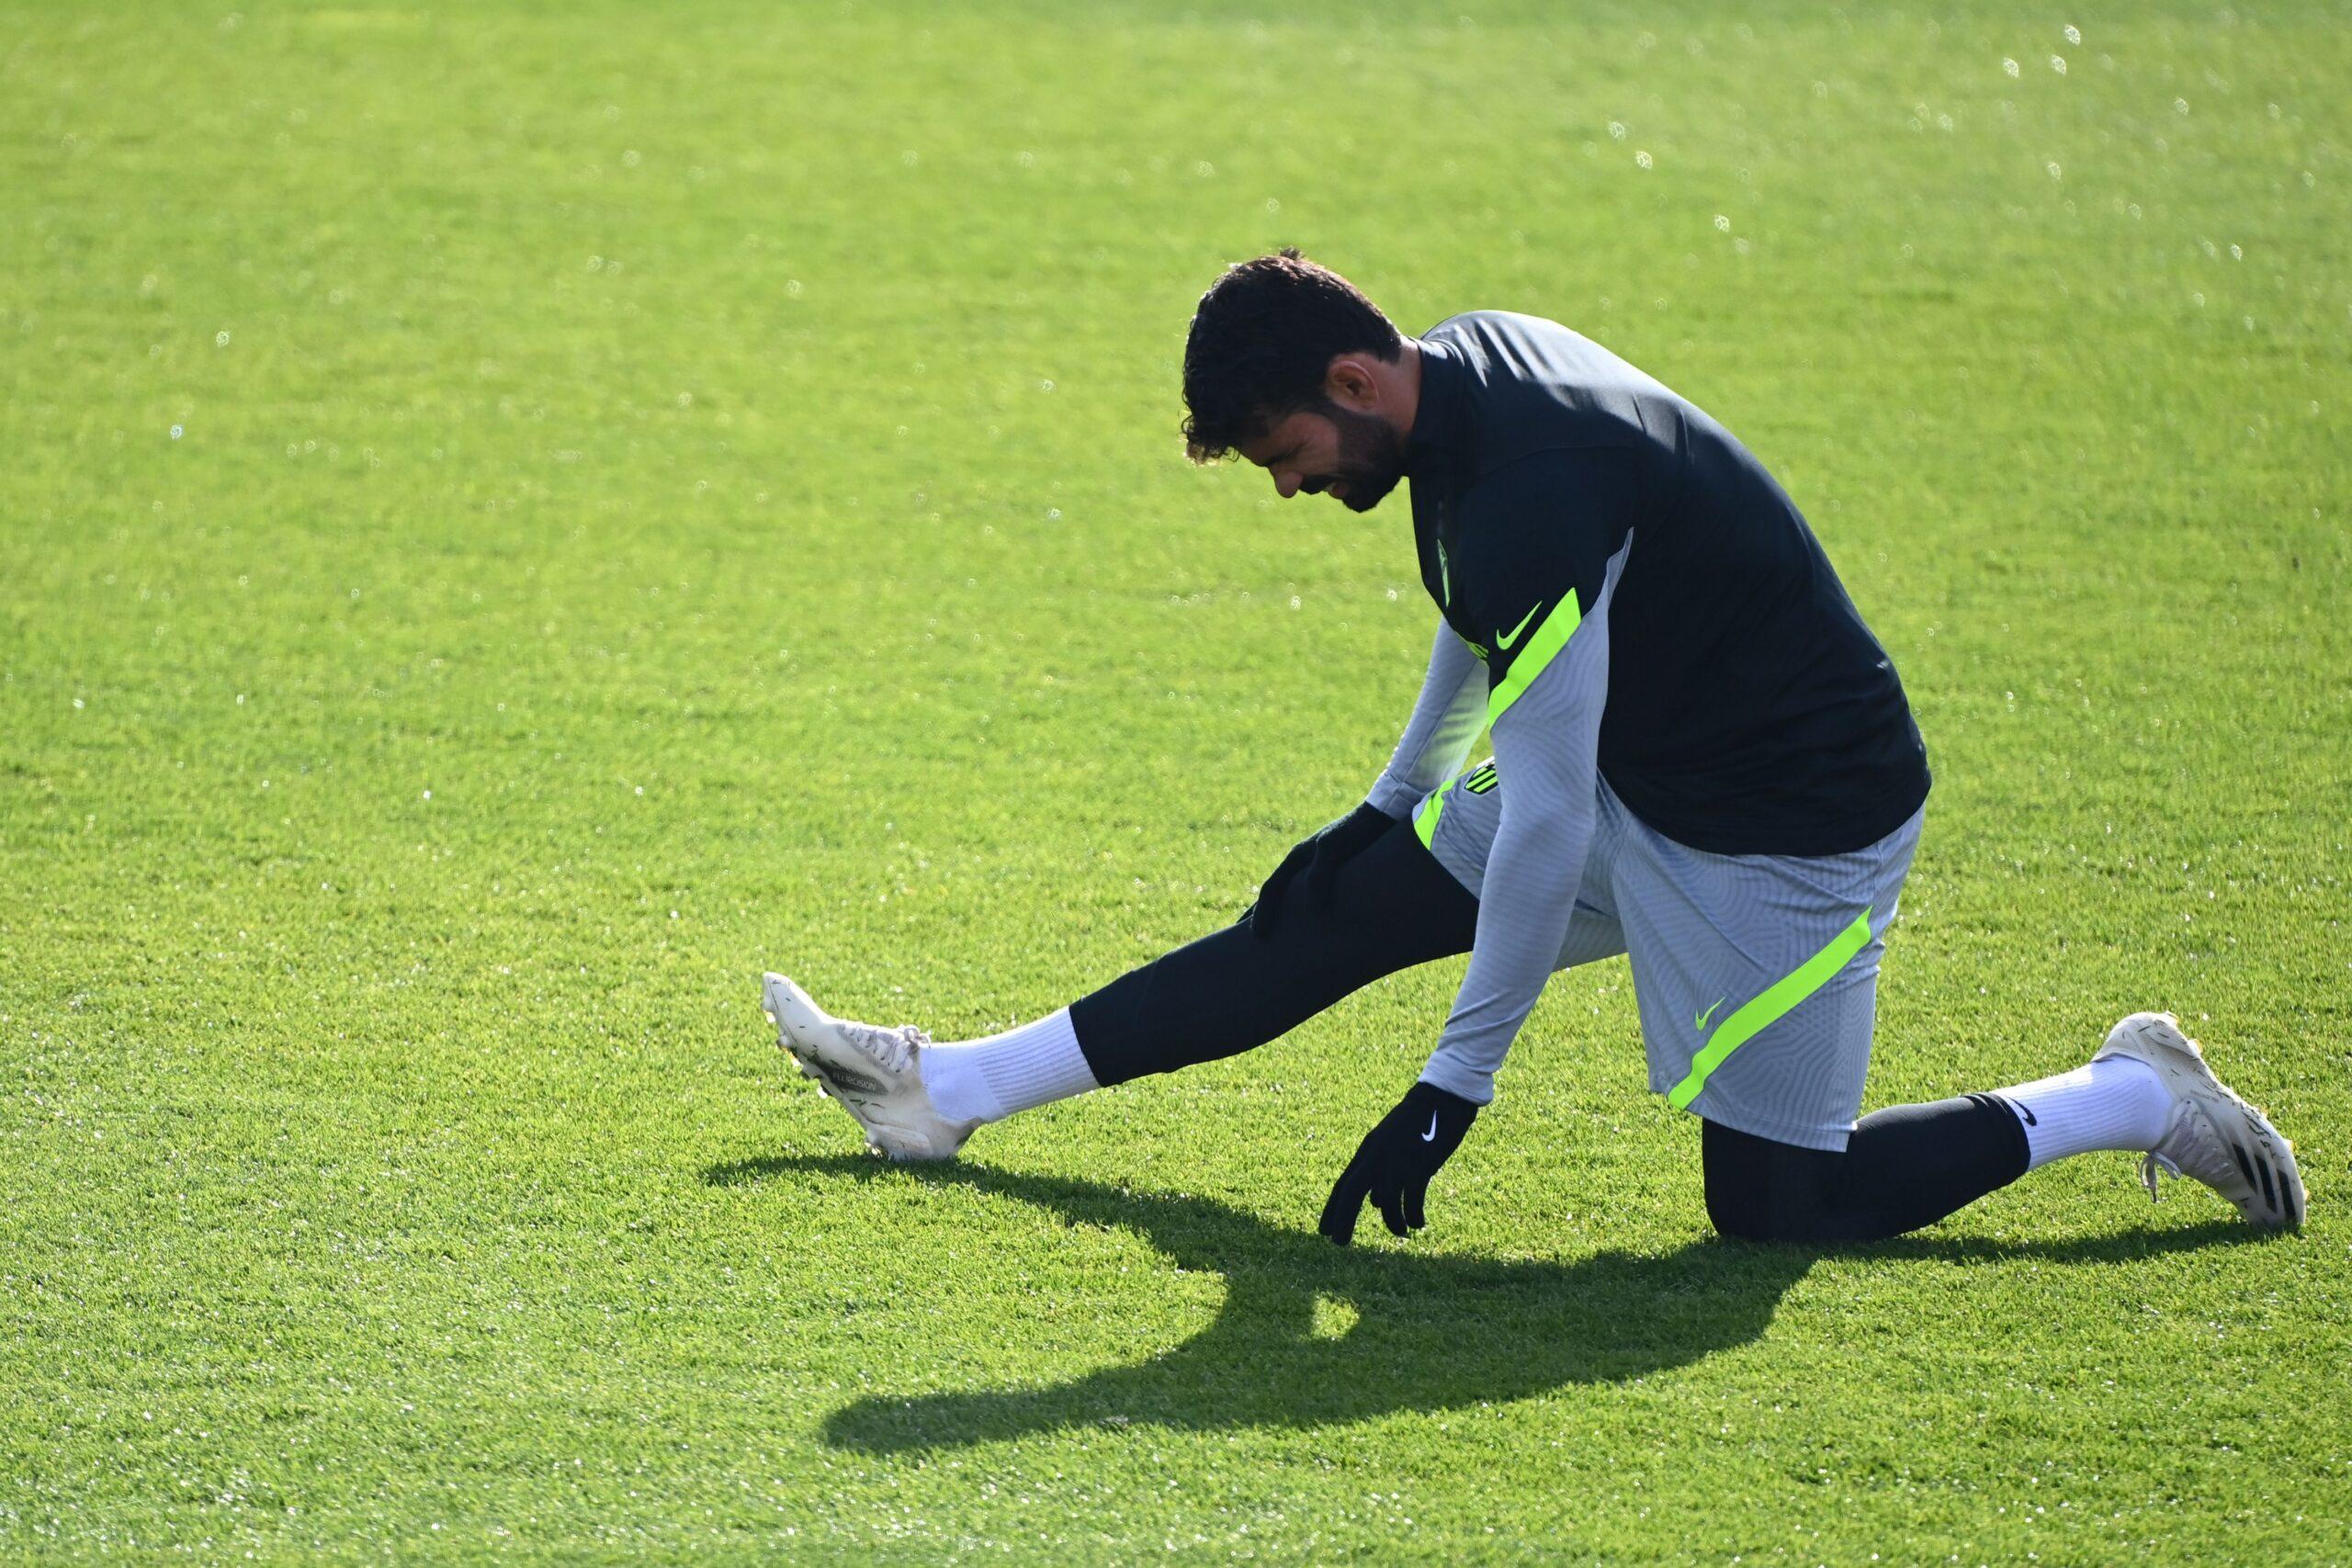 El Atlético medita este fichaje tras la lesión de Costa